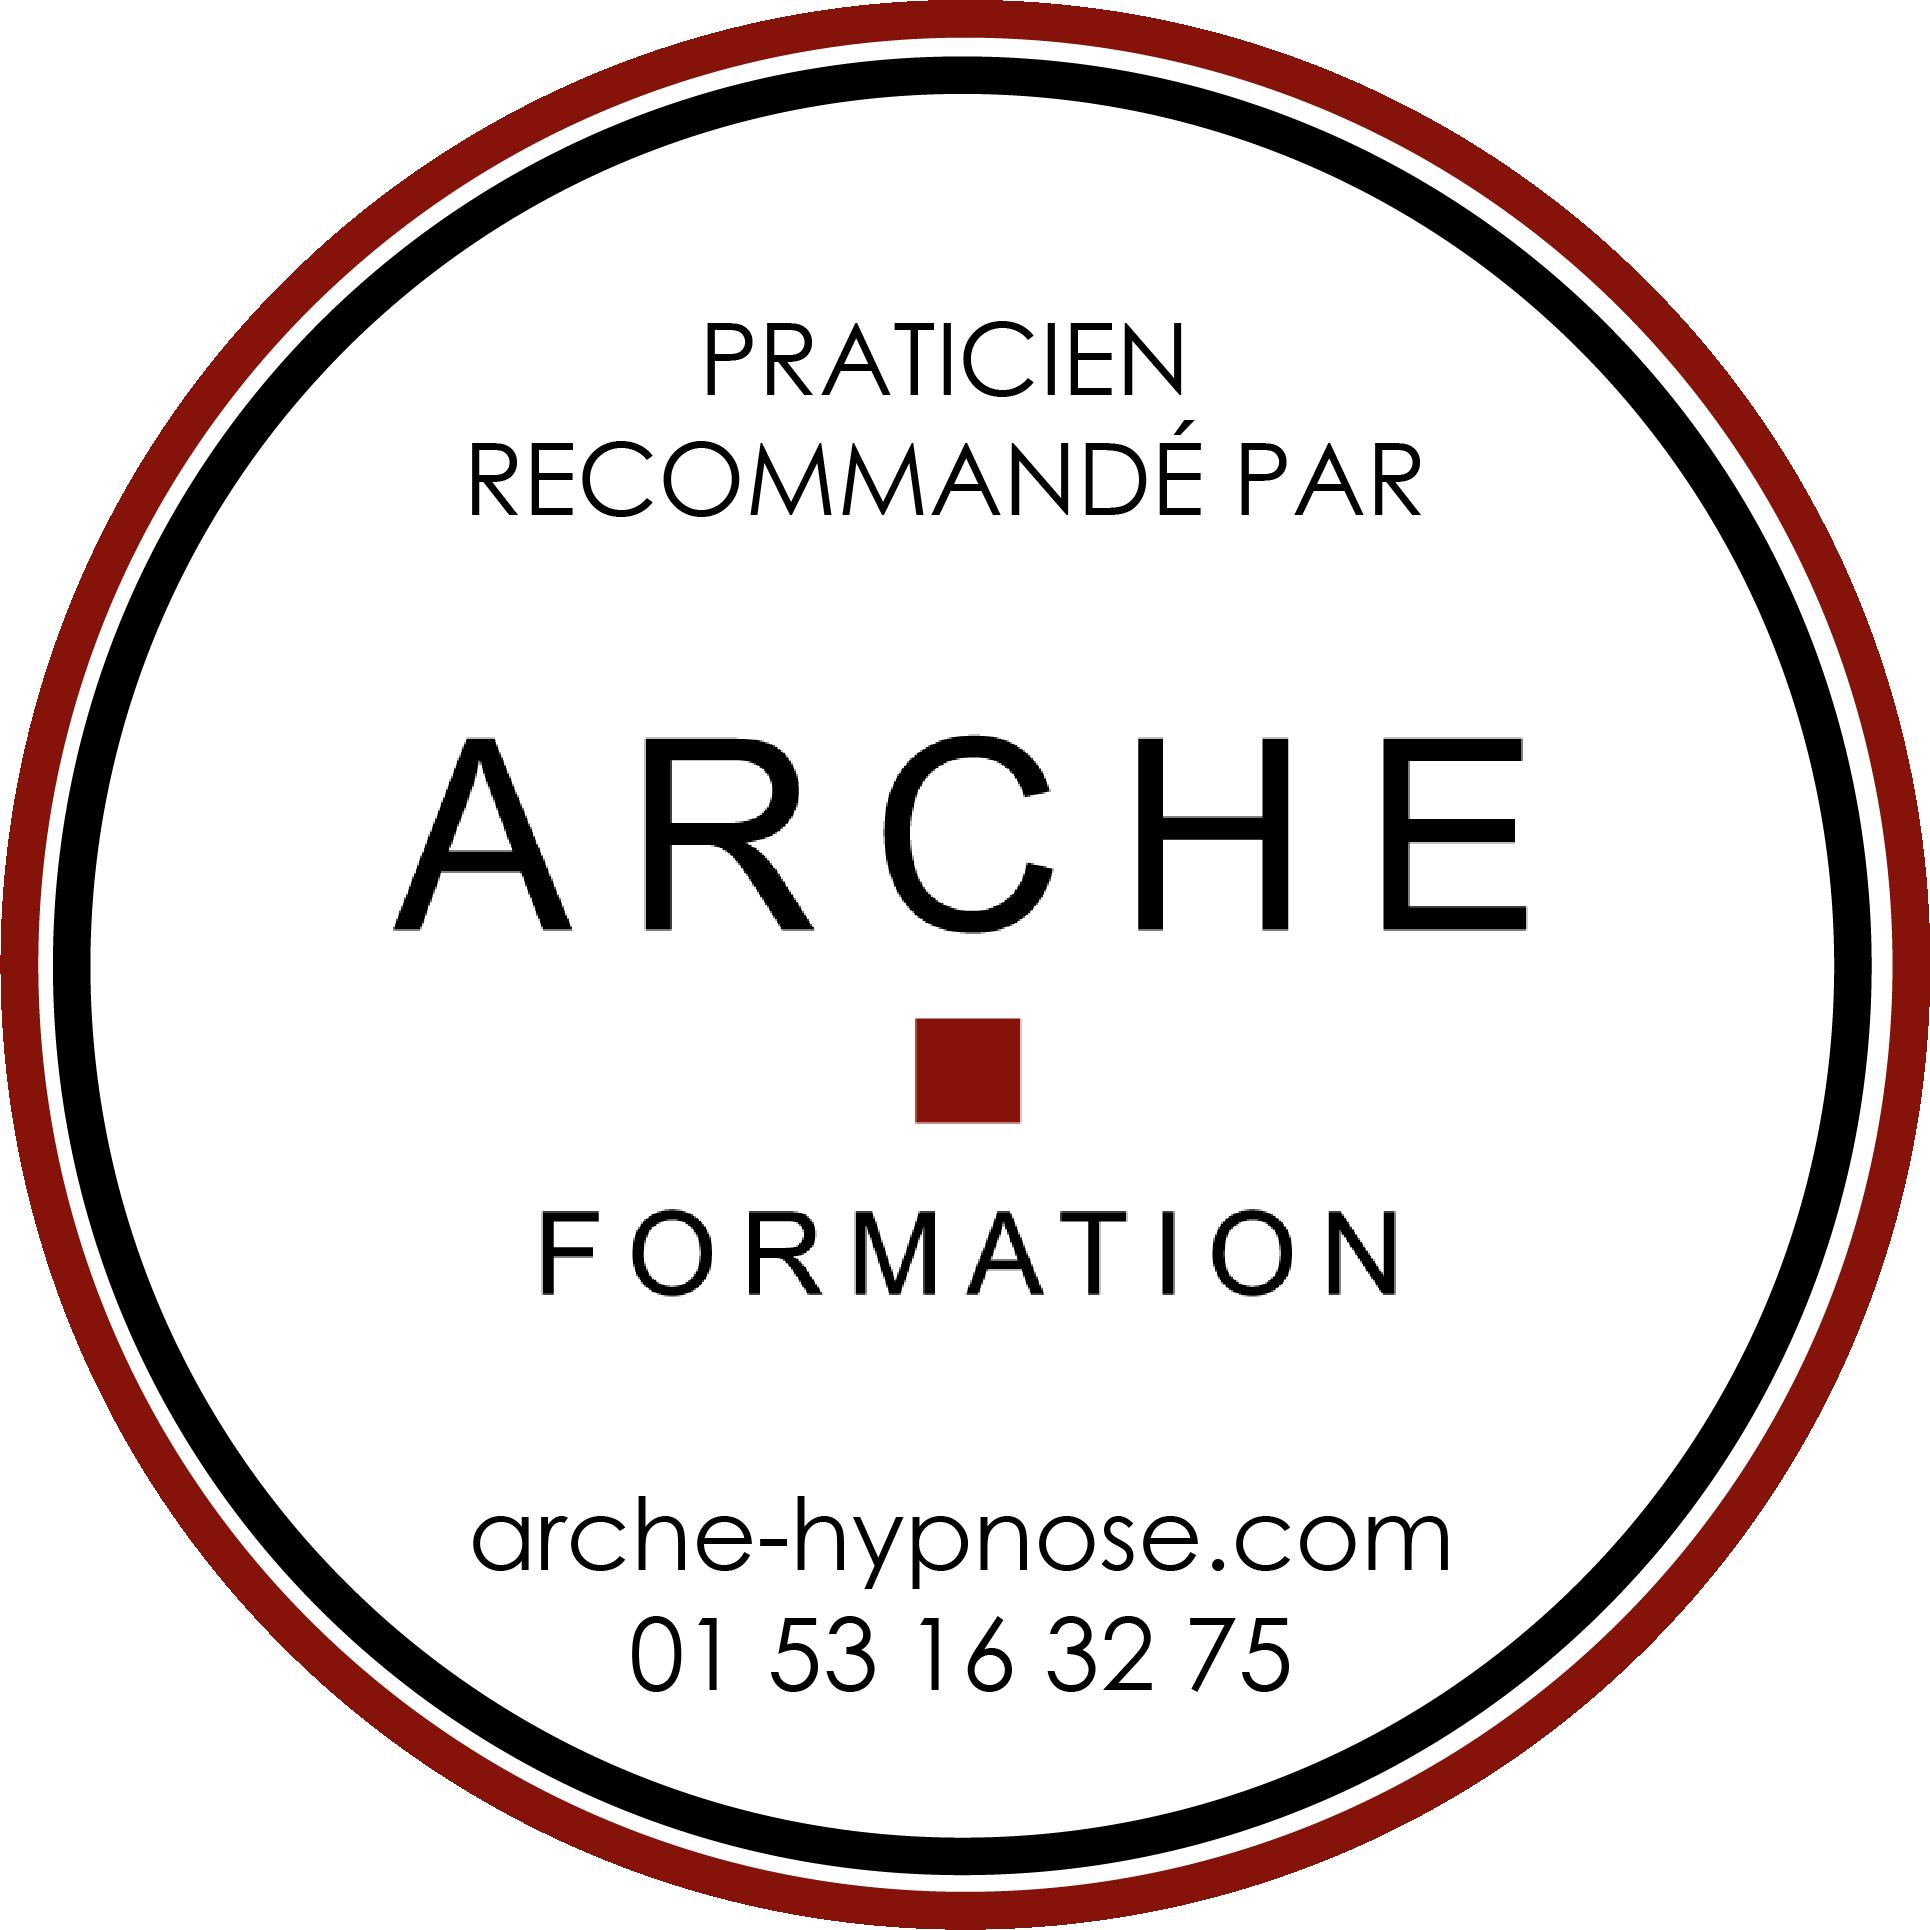 Hypnotiseur certifié par l'ARCHE